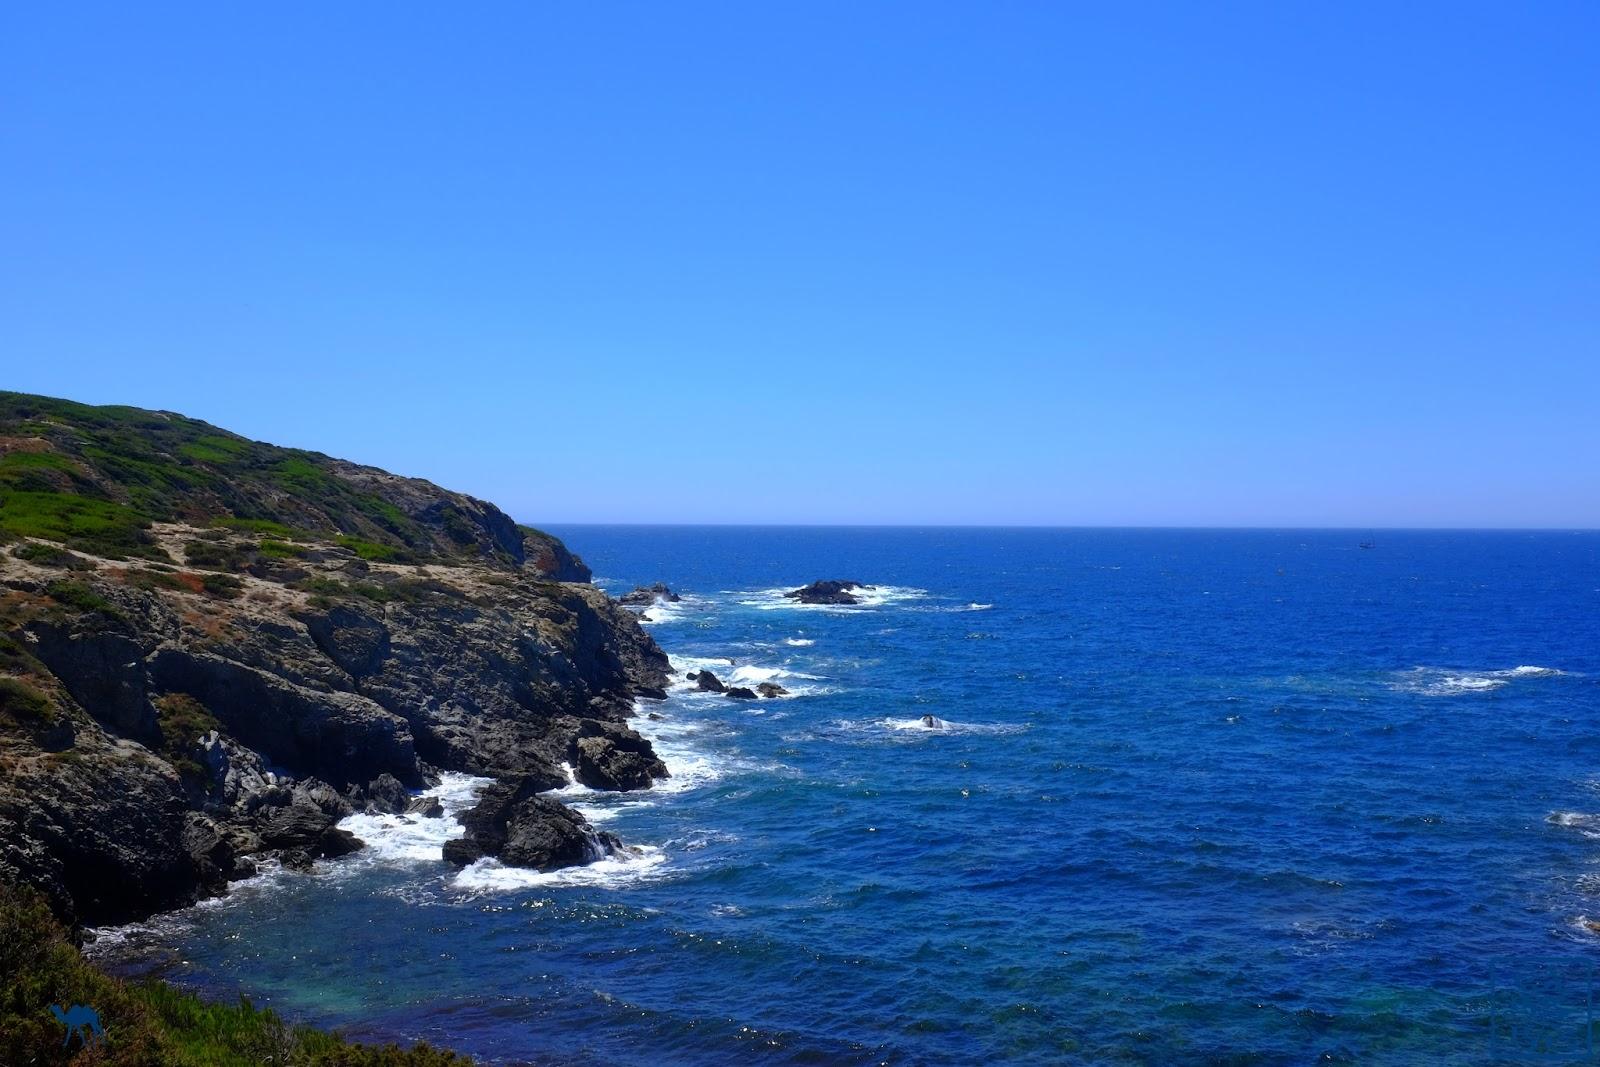 Le Chameau Bleu - Falaises  de l'ile des Embiez - Var  - Séjour en Méditerranée